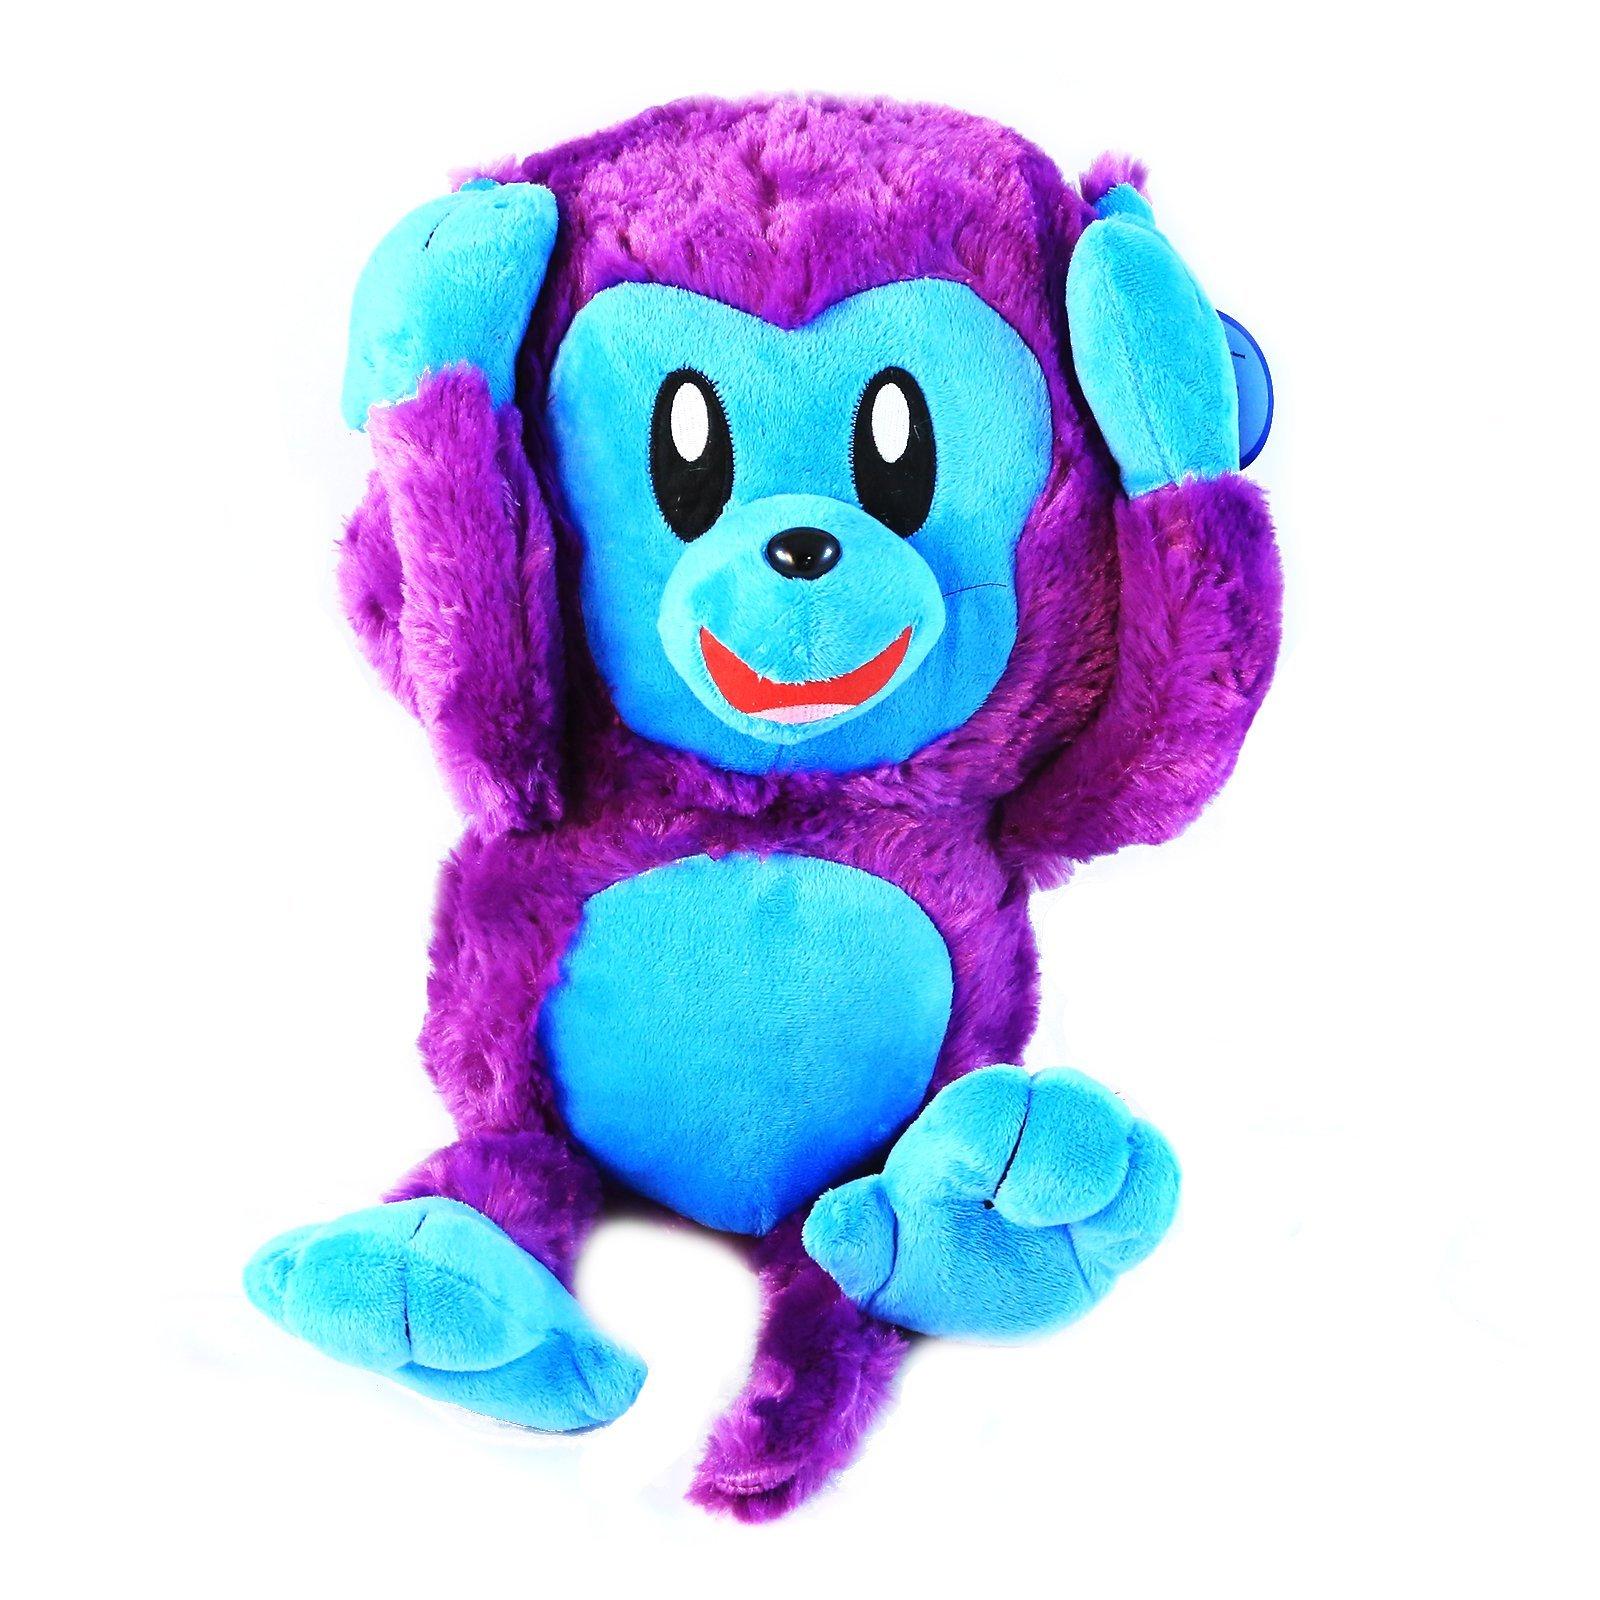 KidPlay Kuddle Toys Hear No Evil Plush Monkey Stuffed Animal Gift - Purple